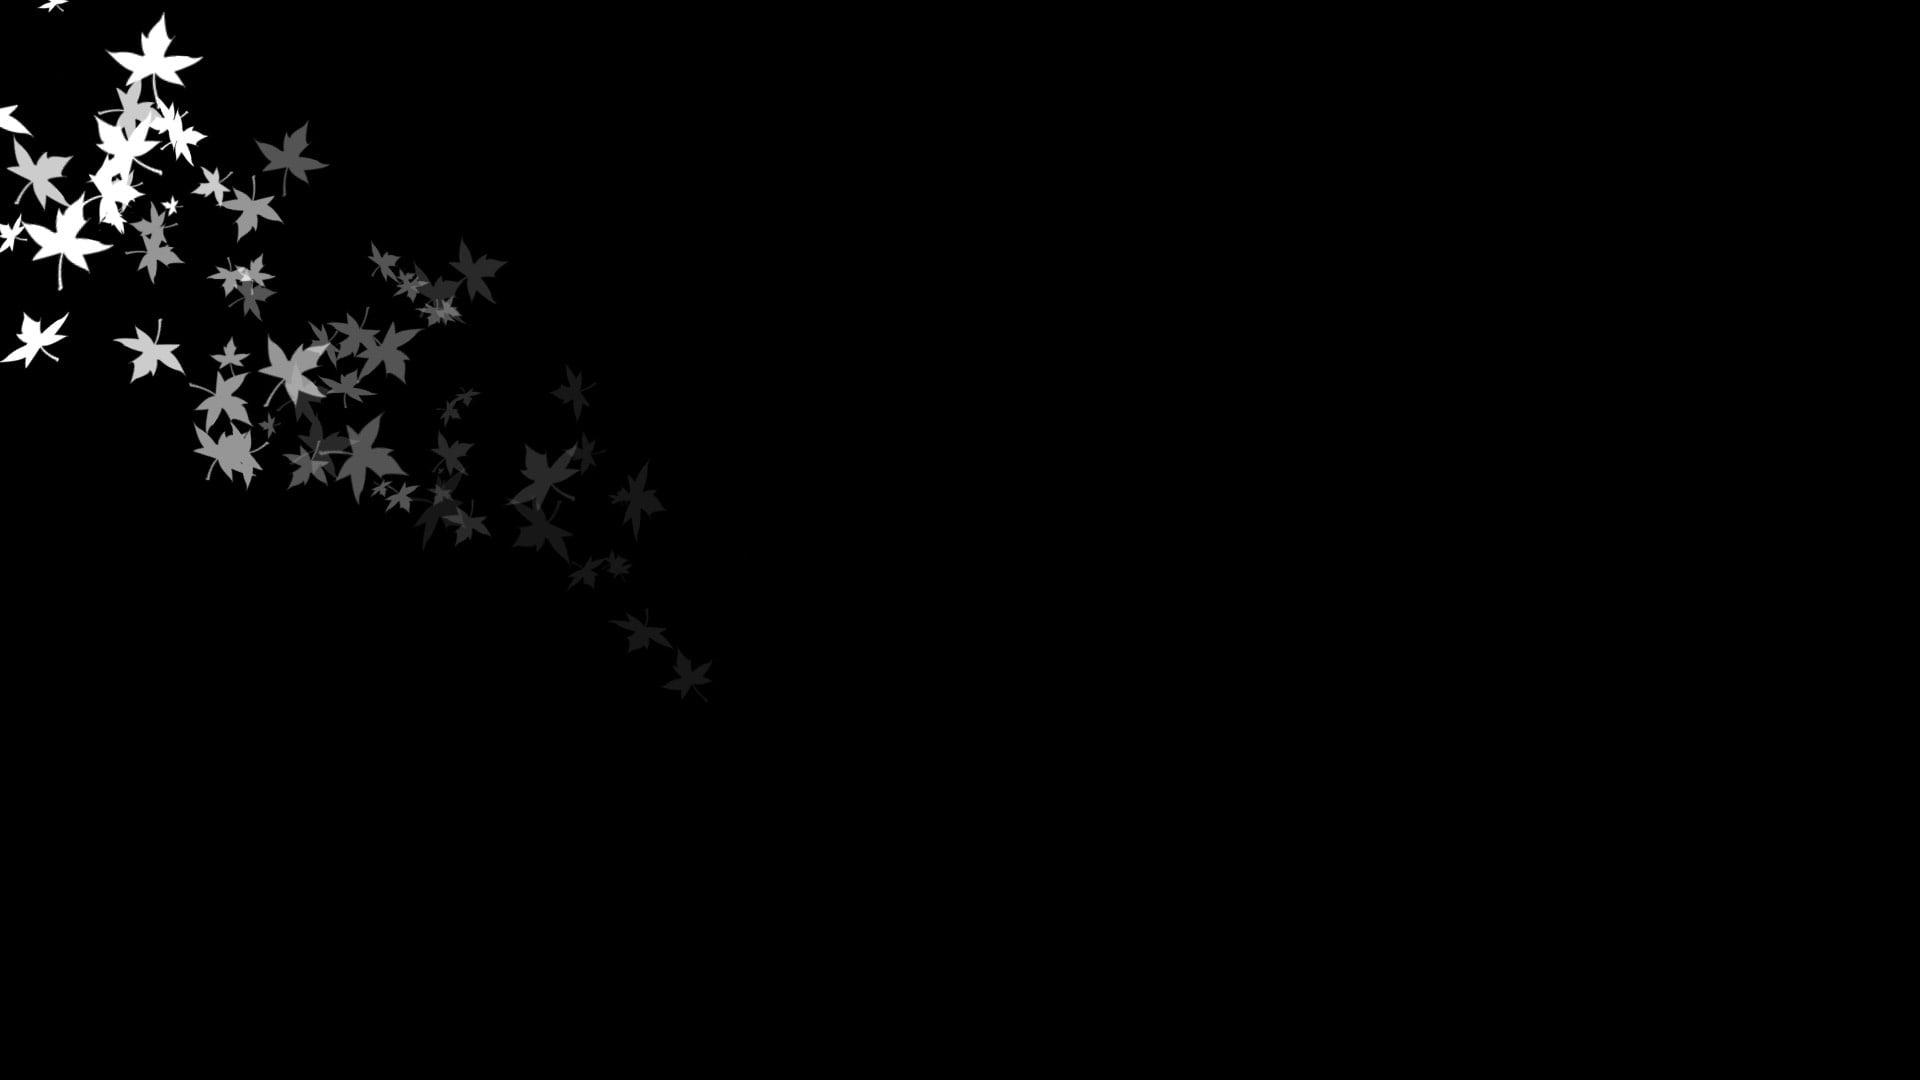 ảnh nền đen thui thùi lùi